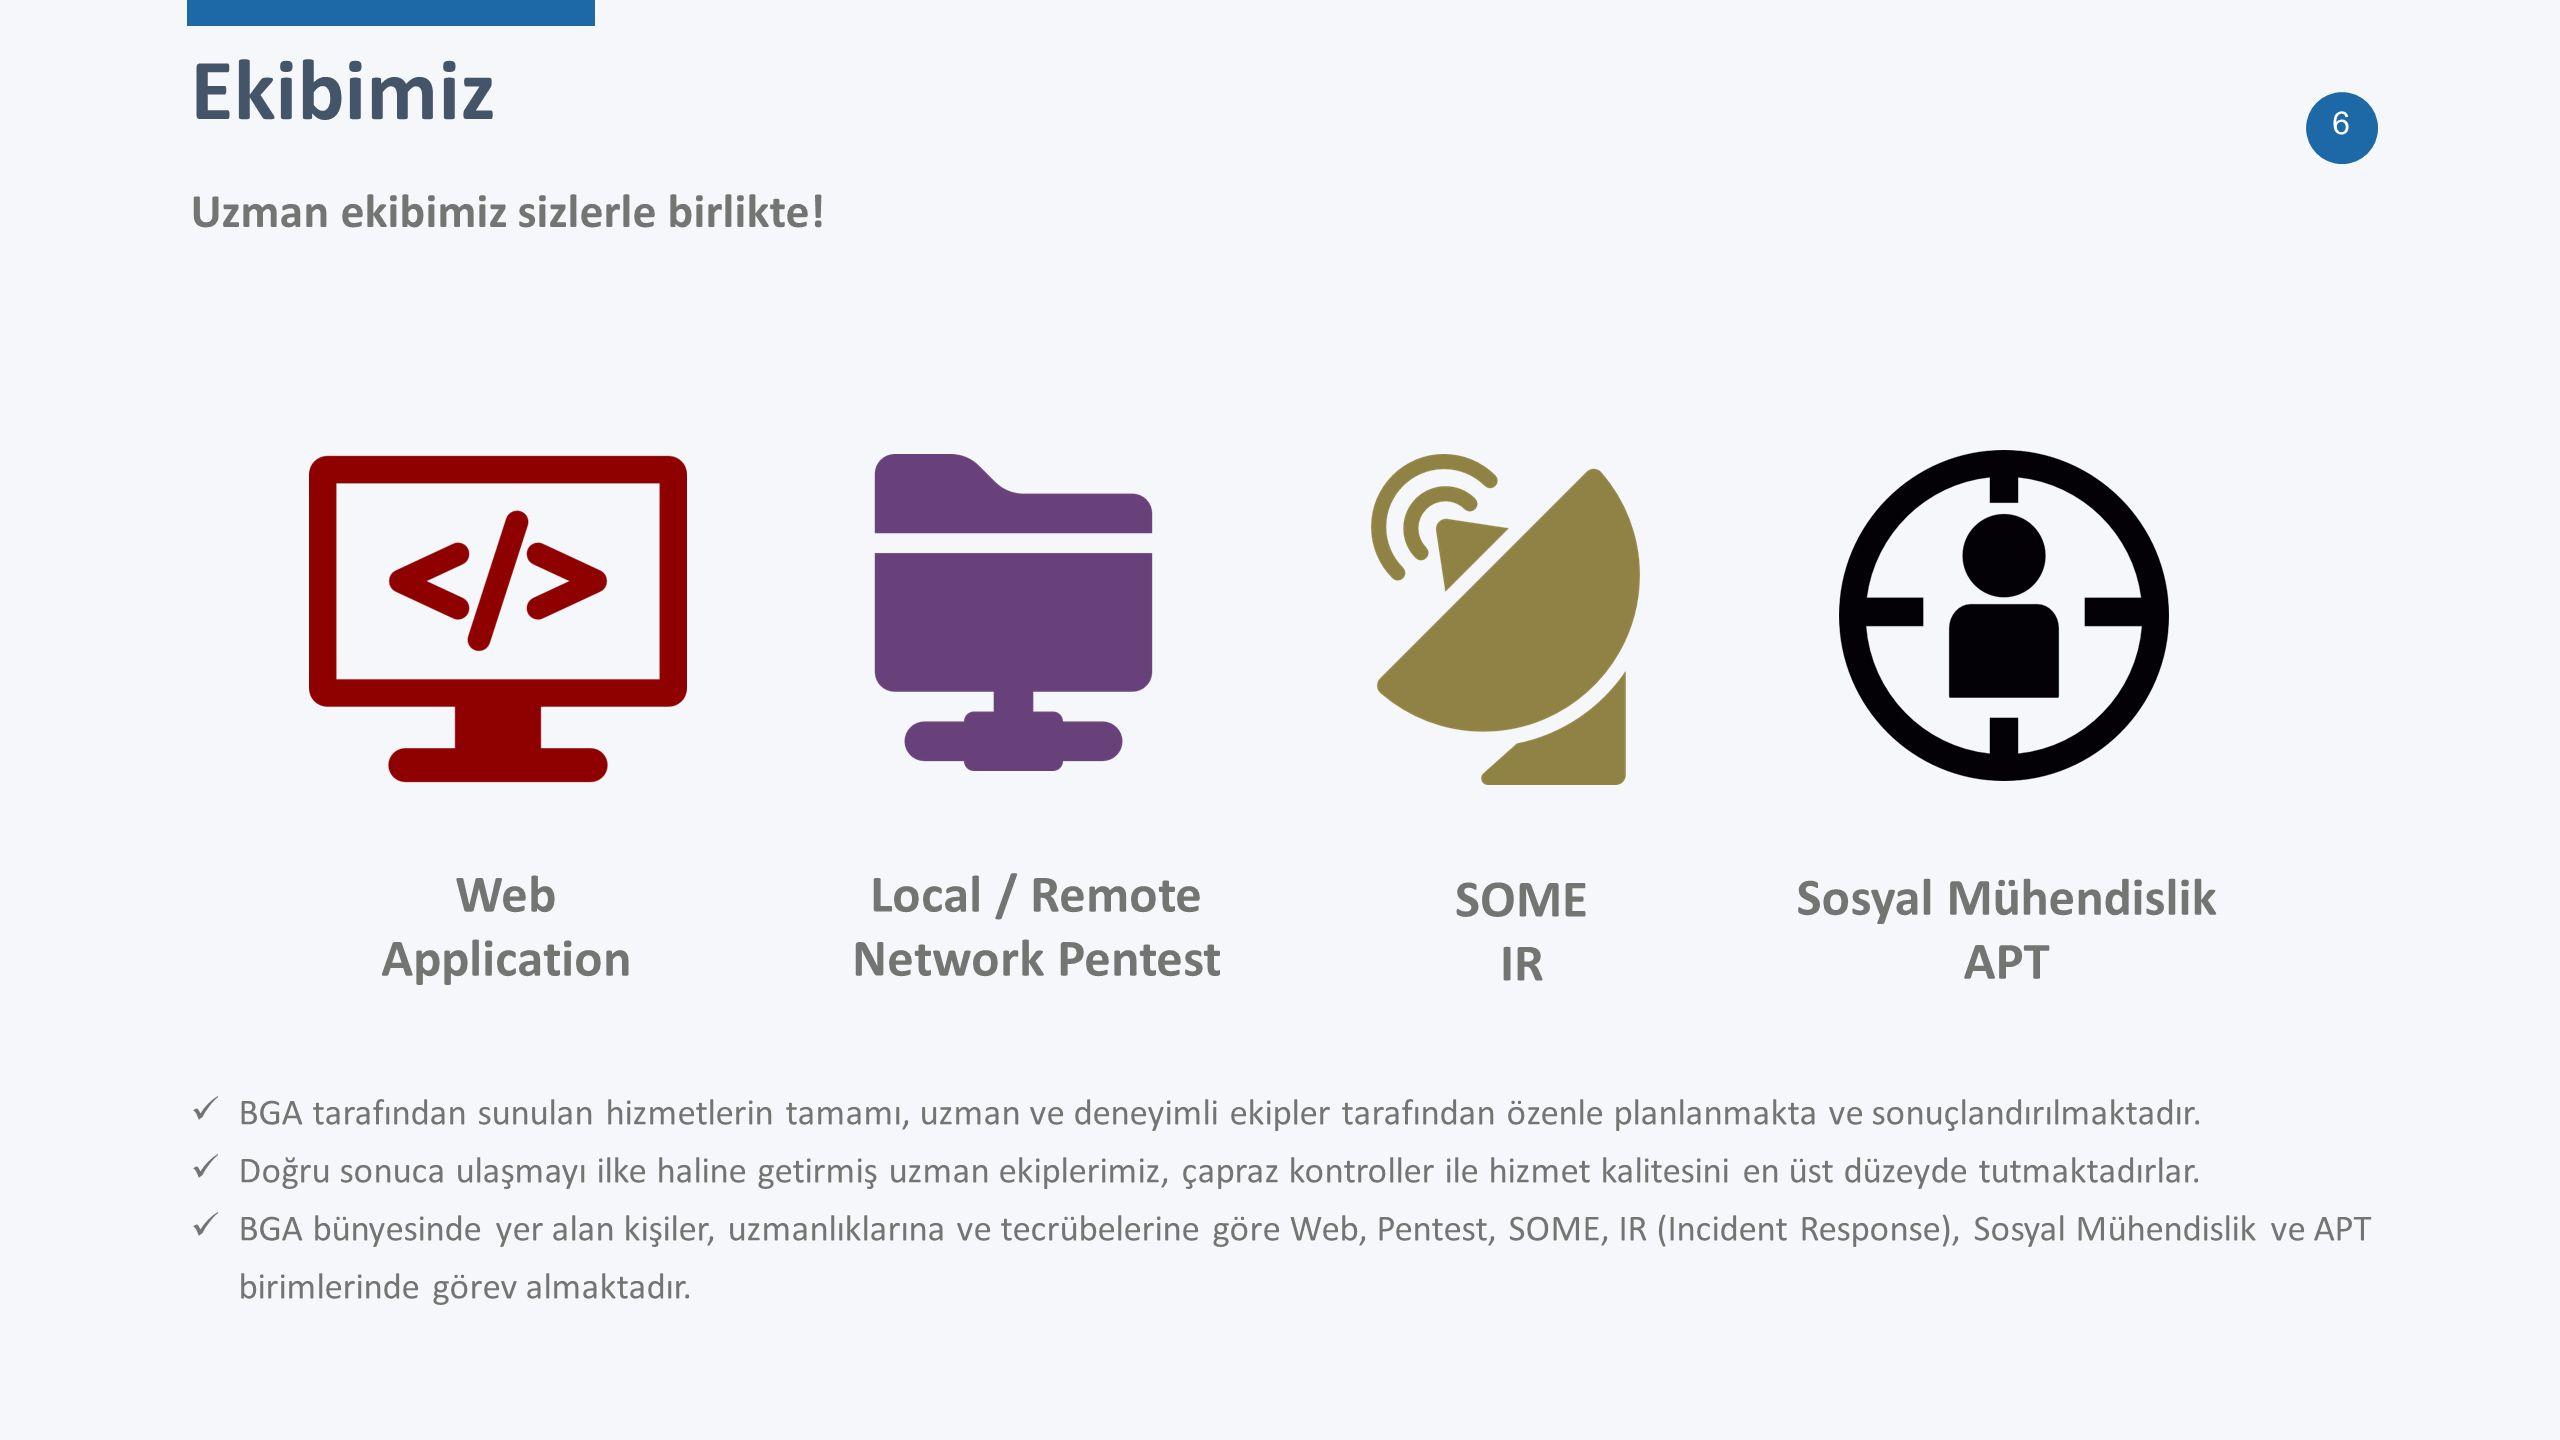 7 BGA Bilgi Güvenliği A.Ş @BGASecurity 85 Yıllık Tecrübe BGA ekibi olarak verdiğimiz hizmetler Uluslararası geçerliliğe sahip sertifikalı 43 çalışandan oluşan uzman ekibi ile, faaliyetlerini Ankara, İstanbul, Azerbaycan ve USA'da sürdüren BGA Bilgi Güvenliği'nin ilgi alanlarını Sızma Testleri, Güvenlik Denetimi, SOME, SOC Danışmanlığı, Açık Kaynak Siber Güvenlik Çözümleri, Büyük Veri Güvenlik Analizi ve Yeni Nesil Güvenlik Çözümleri oluşturmaktadır.